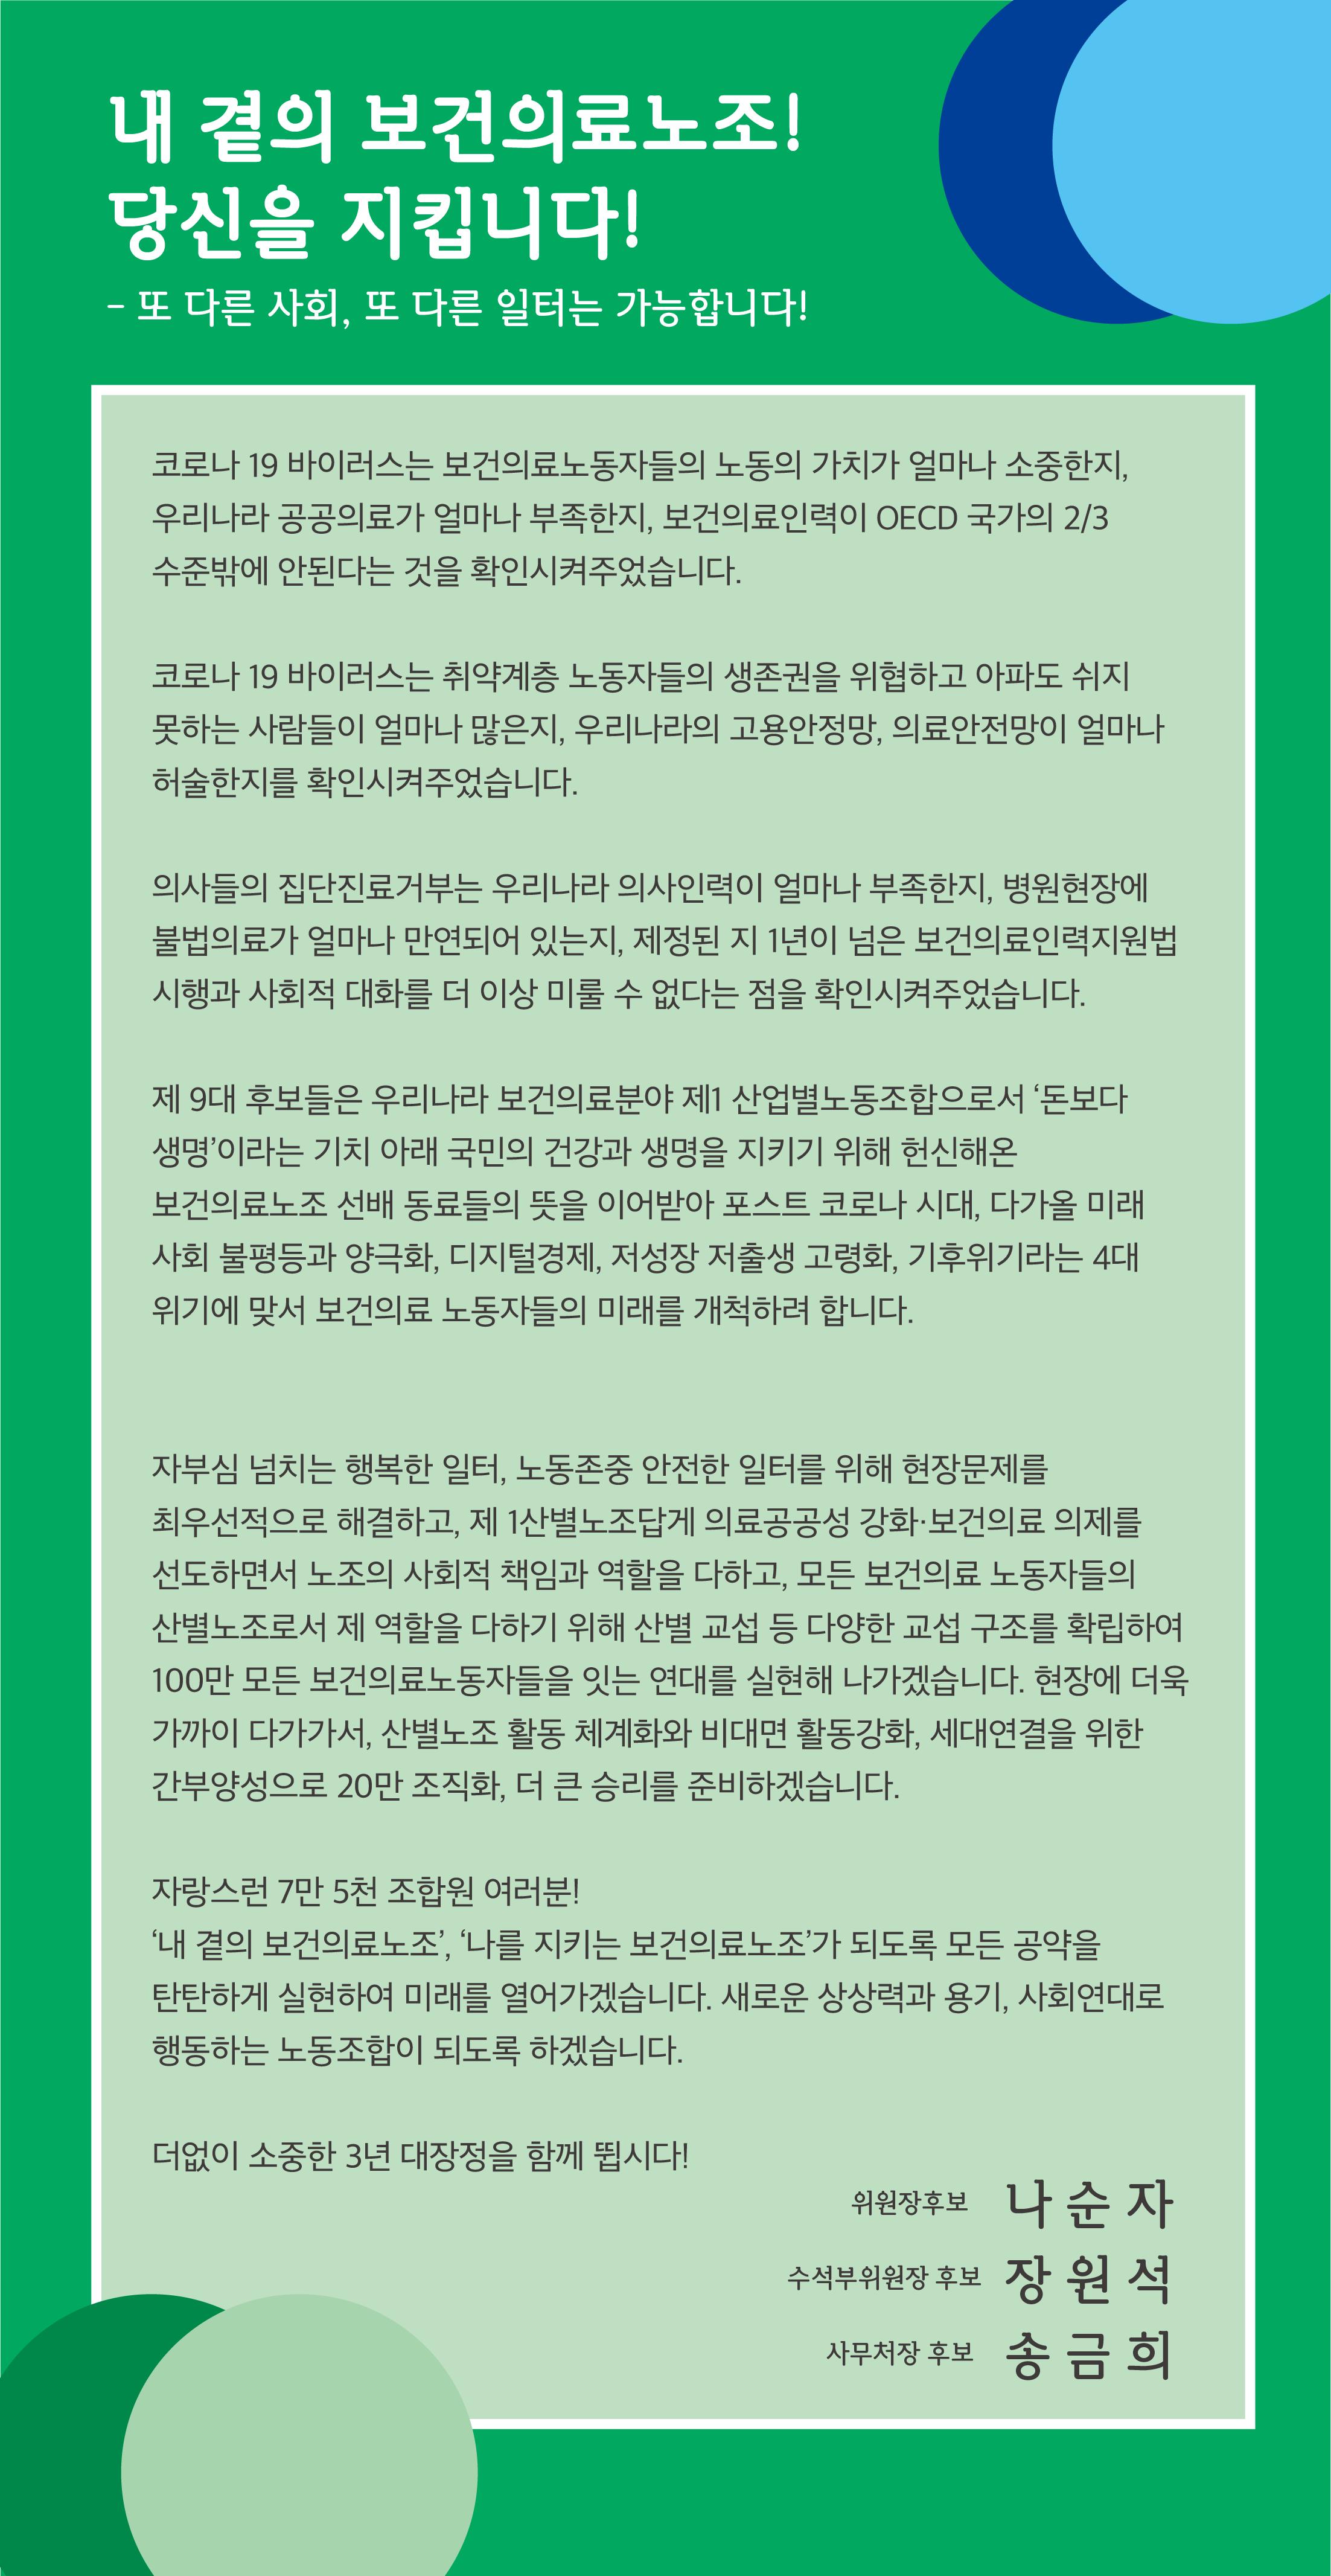 9기임원선거_출사표-01.png